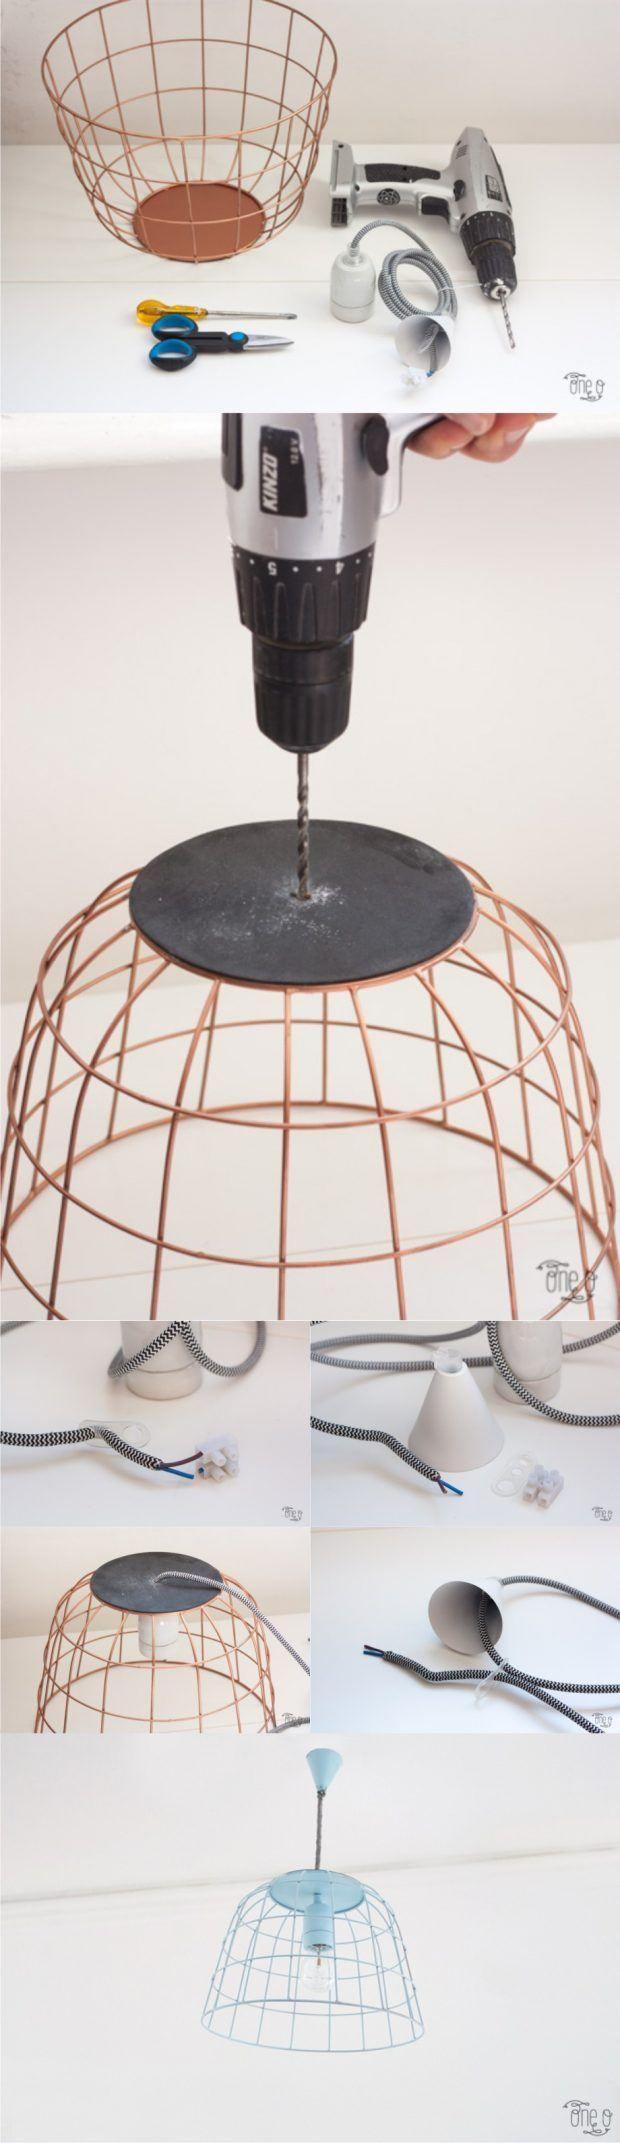 lampara-cesta-diy-muy-ingenioso-2